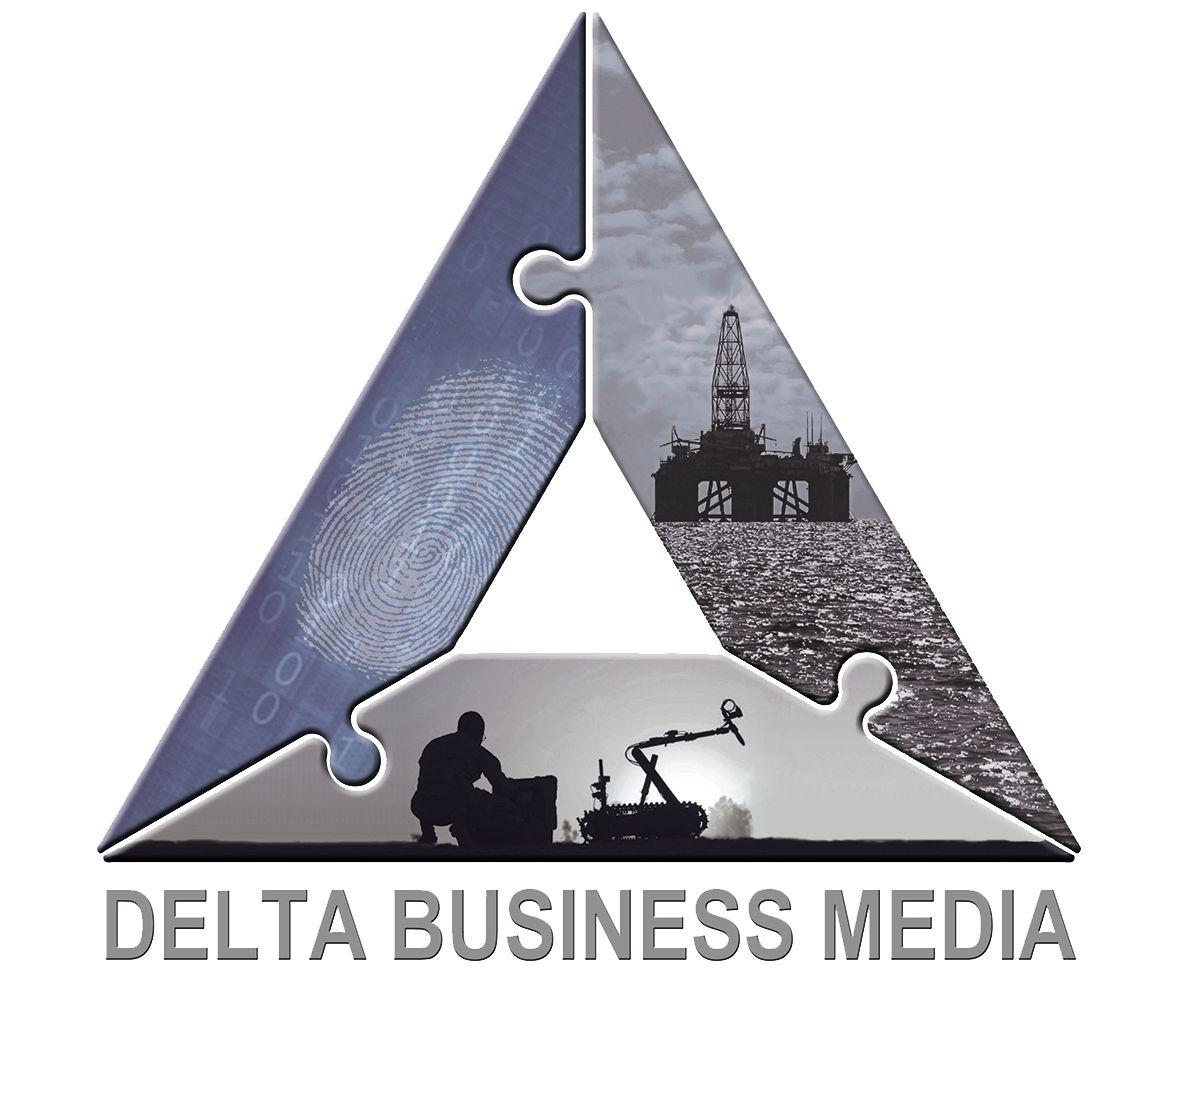 Delta Business Media